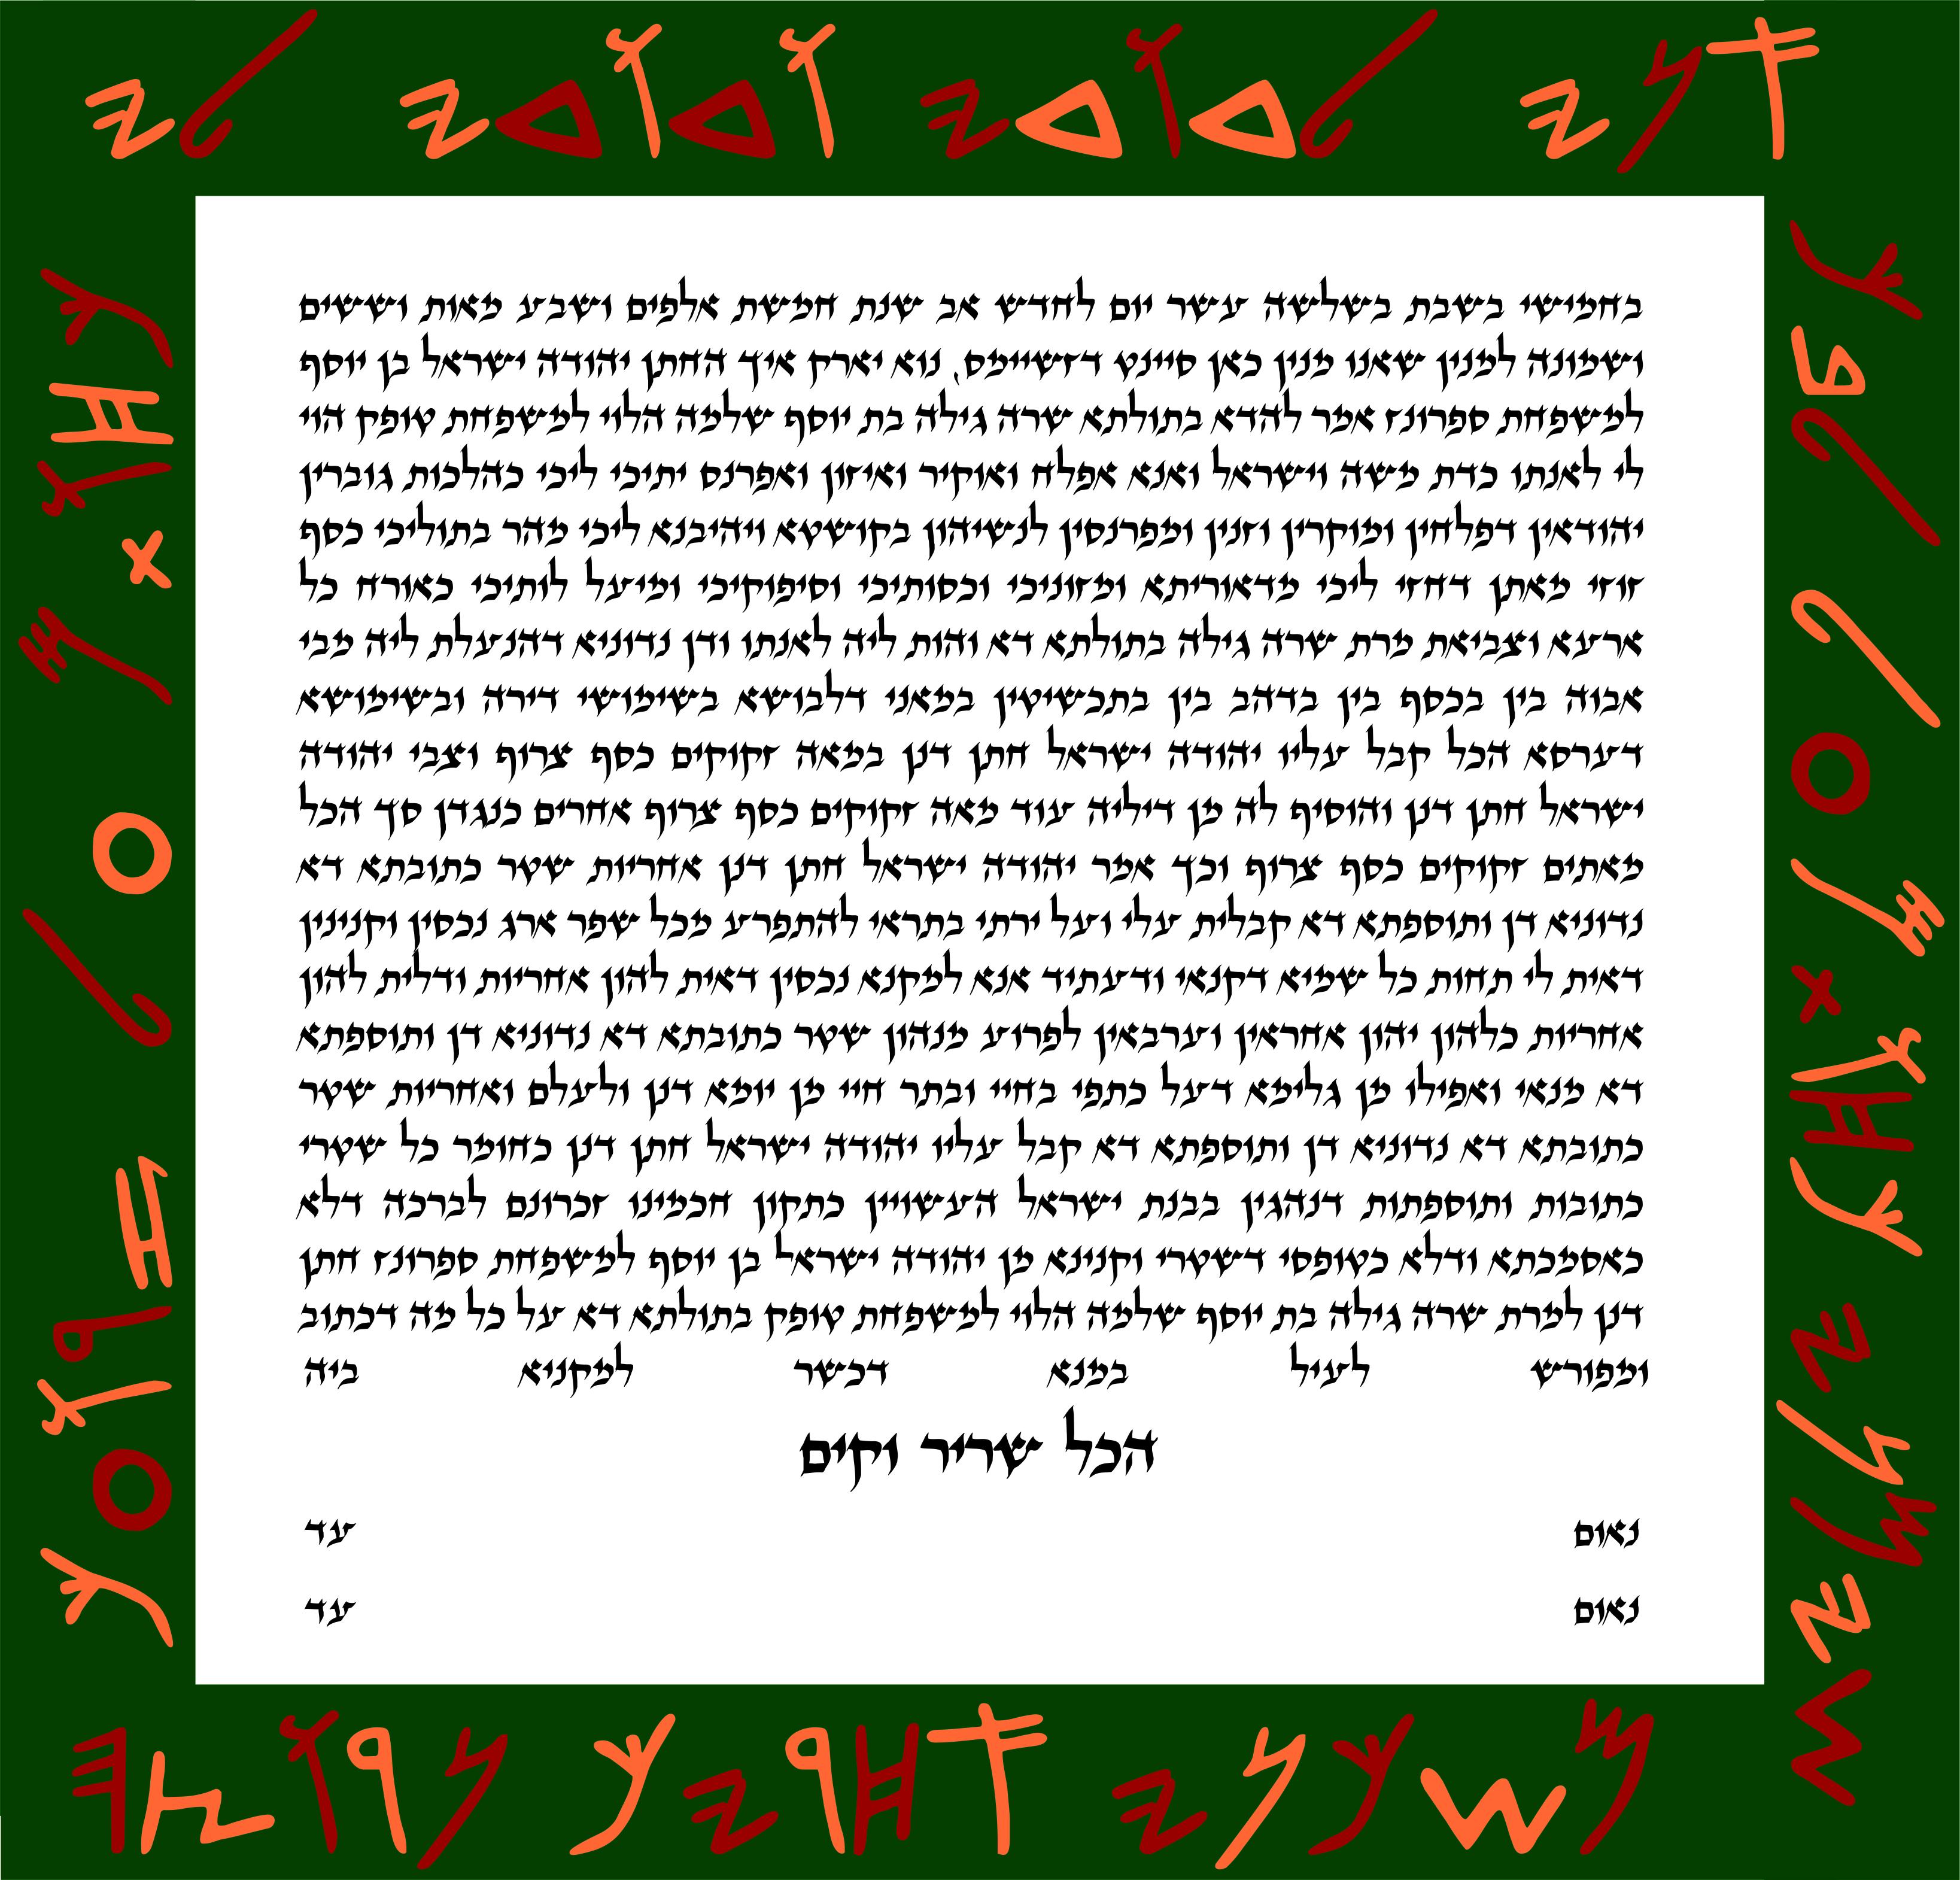 Paleo-Hebrew ketubah